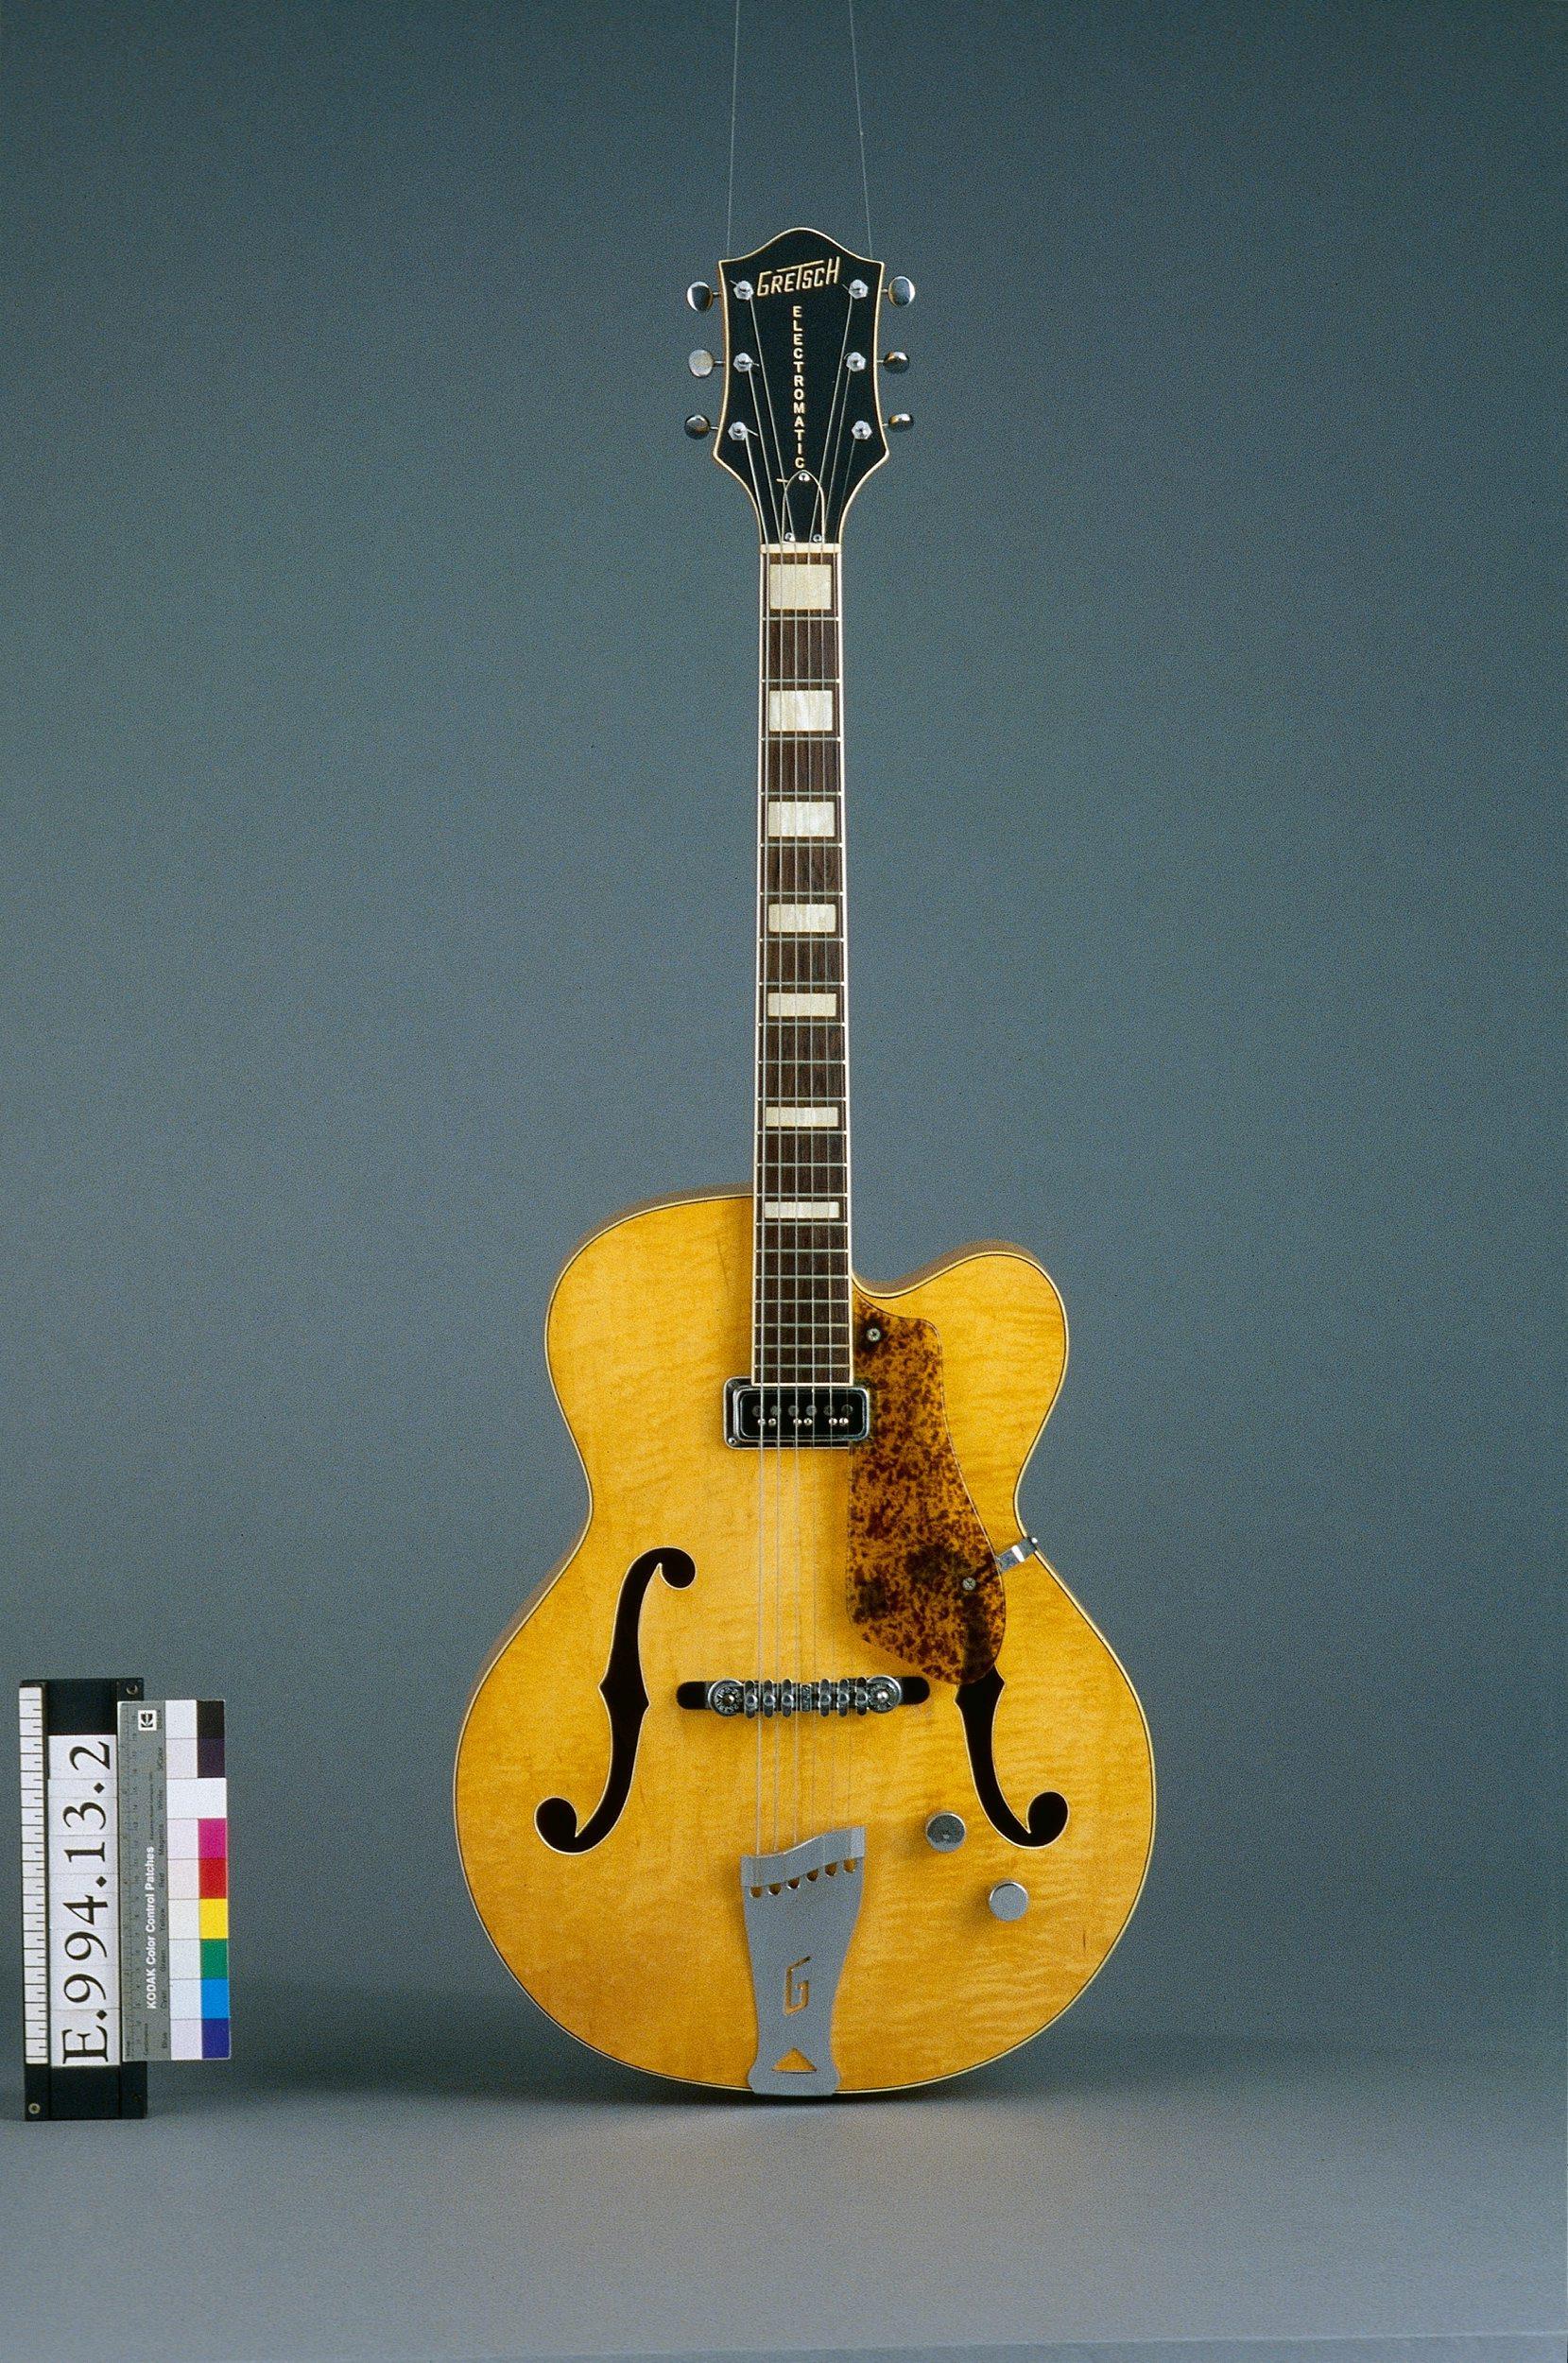 Guitare électrique modèle Electromatic 6191   Gretsch